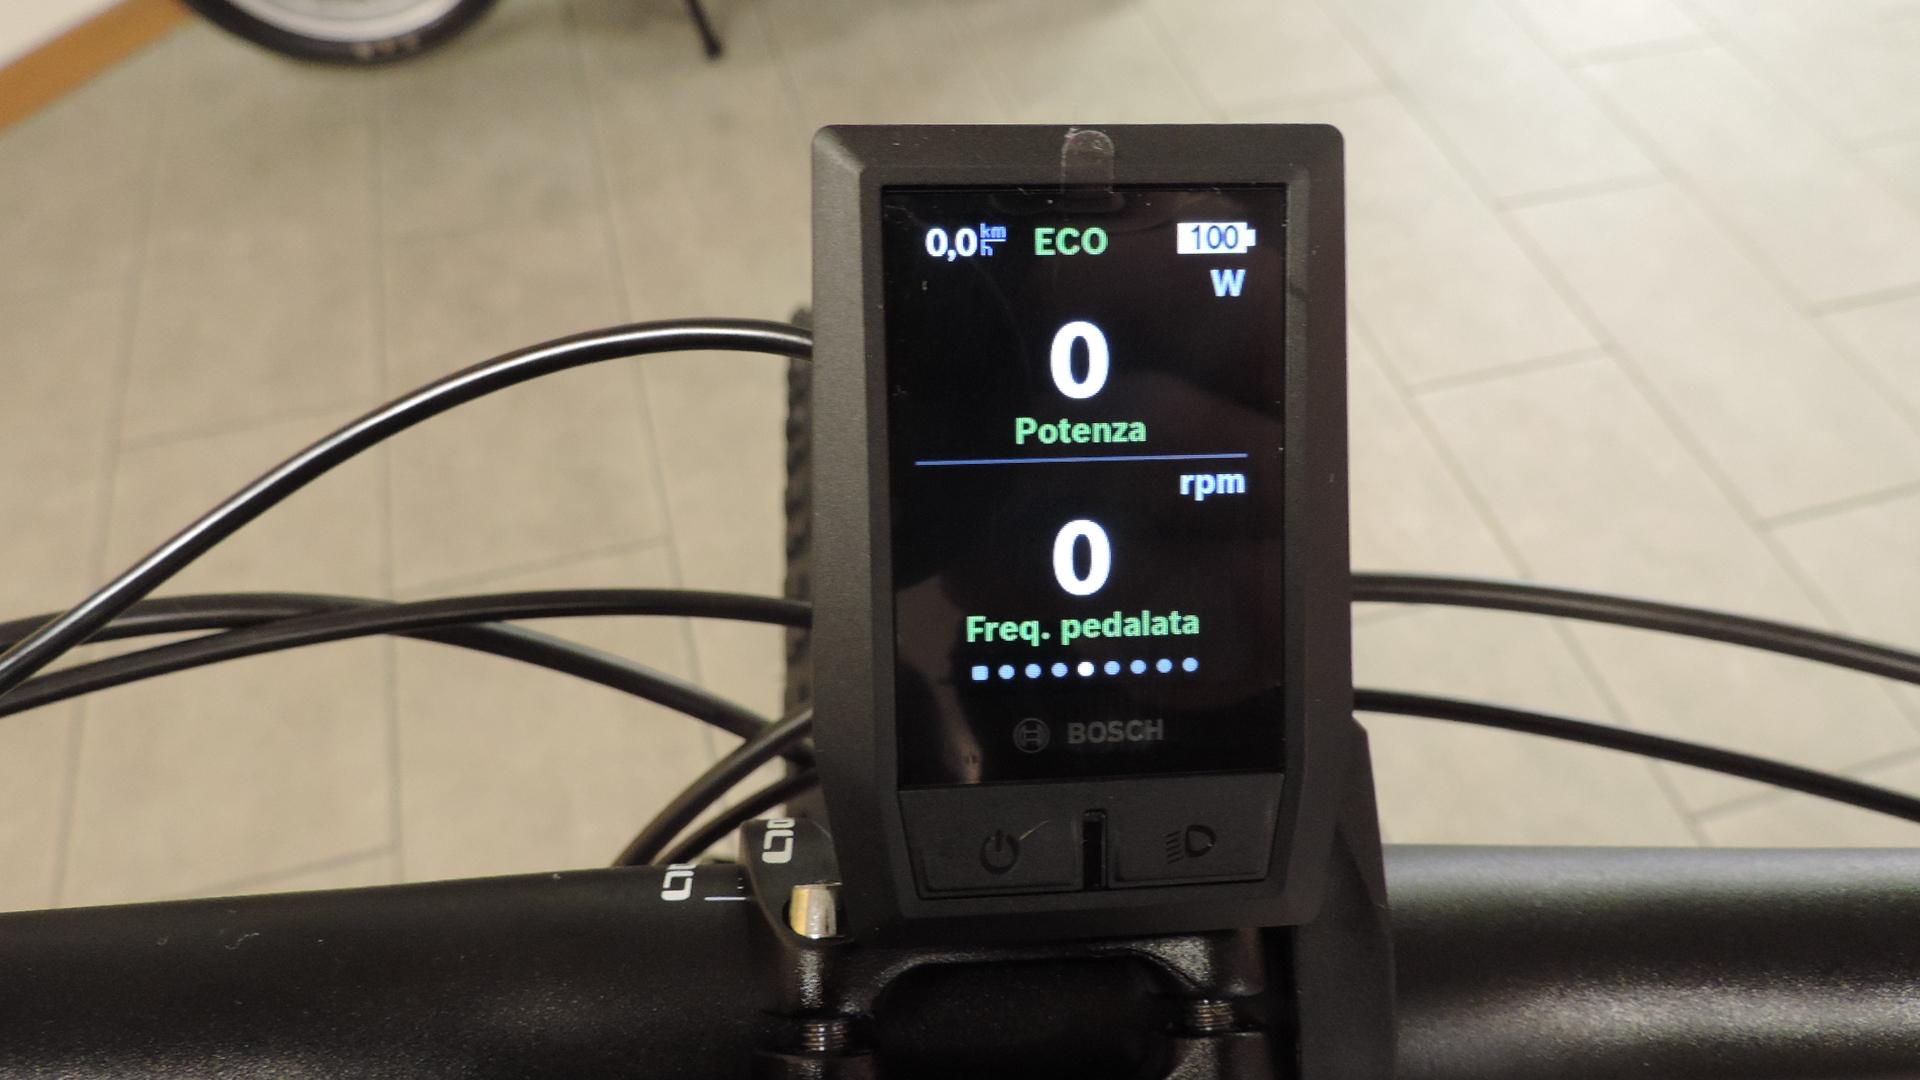 quinta schermata del ciclocomputer Kyox Bosch riguarda la potenza e la frequenza di pedalata/cadenza